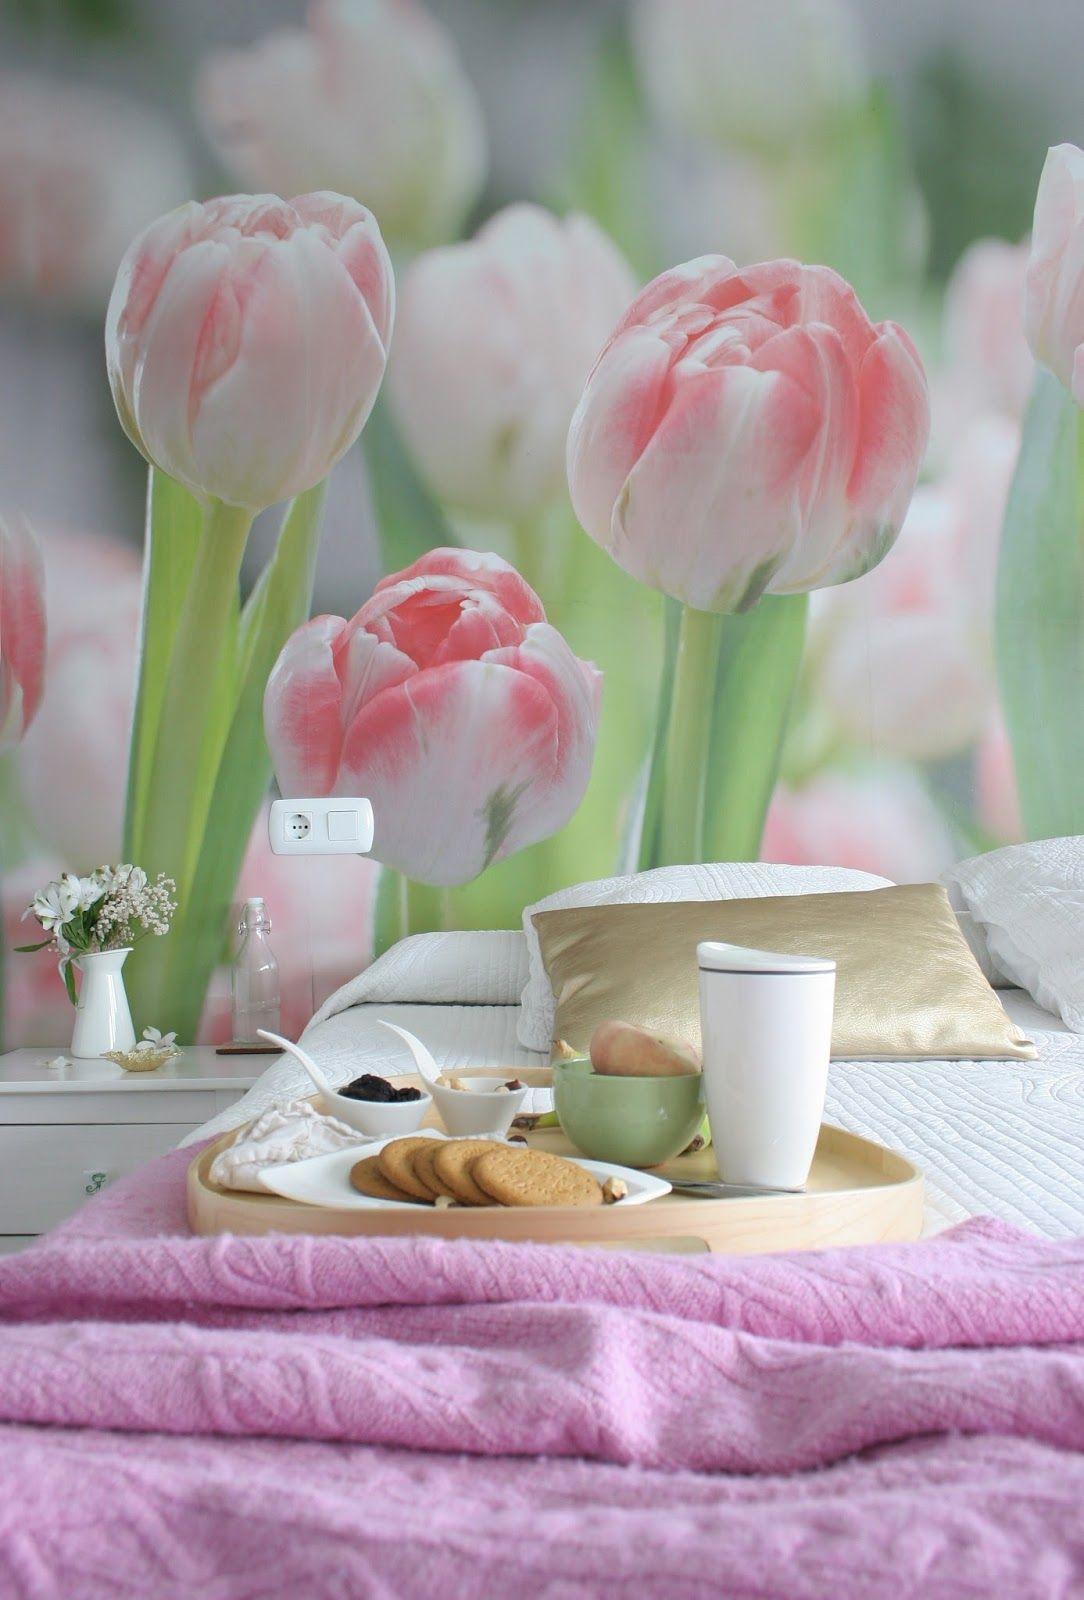 Flower bedroom by @Miren de DEF Deco   #flowers #bedroom #bed #cat #Pixers #interior #decor #home #homedesign #tulips